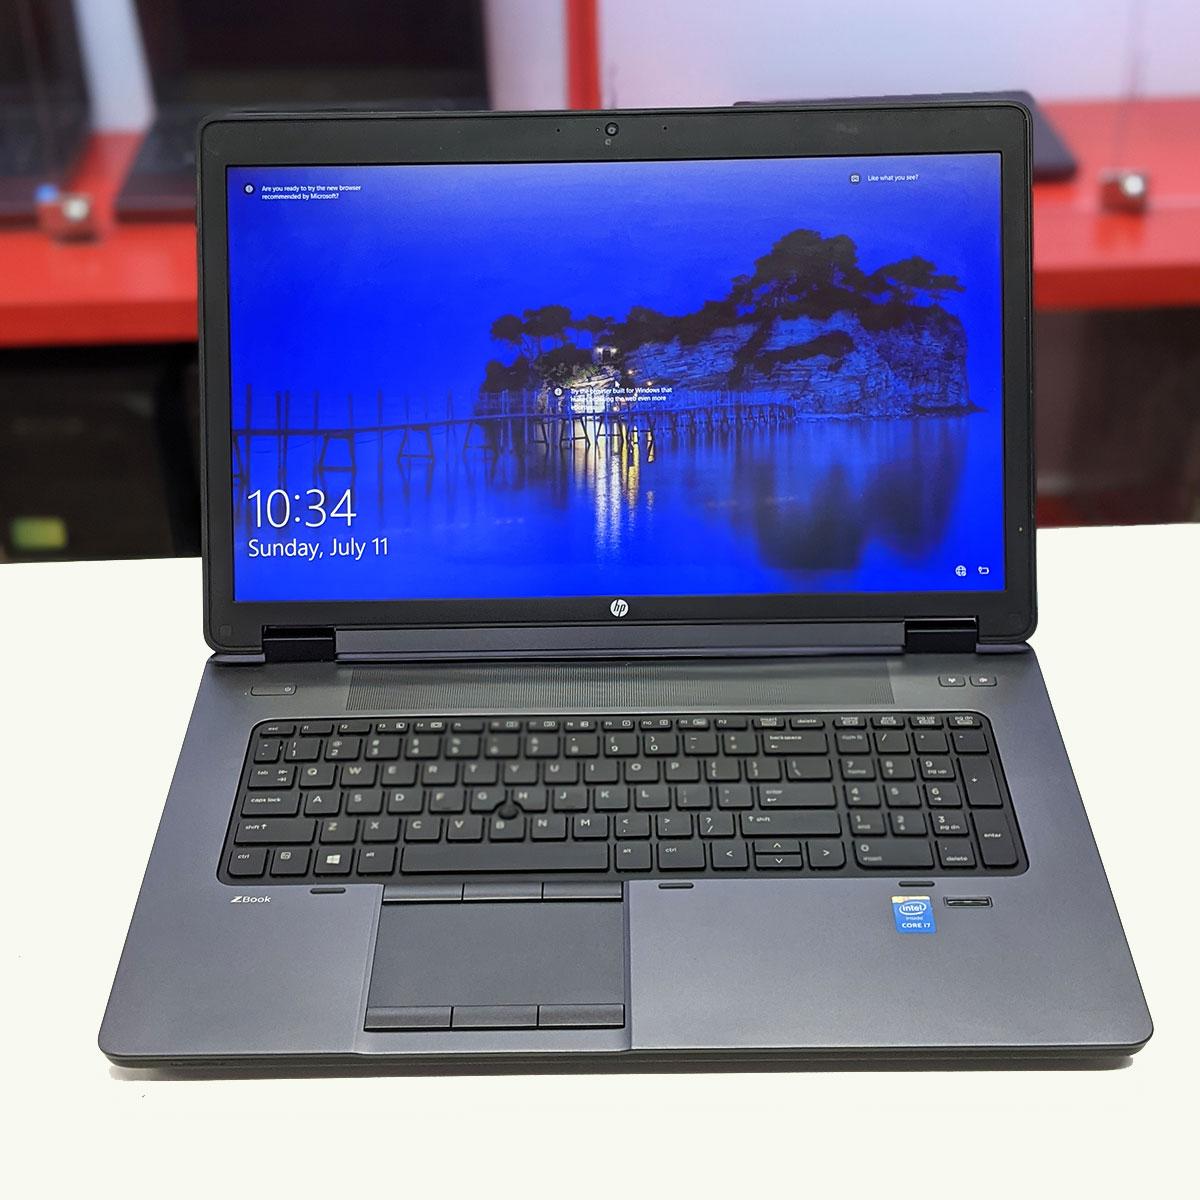 HP Zbook 17 G2 Core i7 4710QM, Ram 8GB, SSD 128GB+ HDD 500GB, 17.3 inch Full HD, Nvidia Quadro K2200M